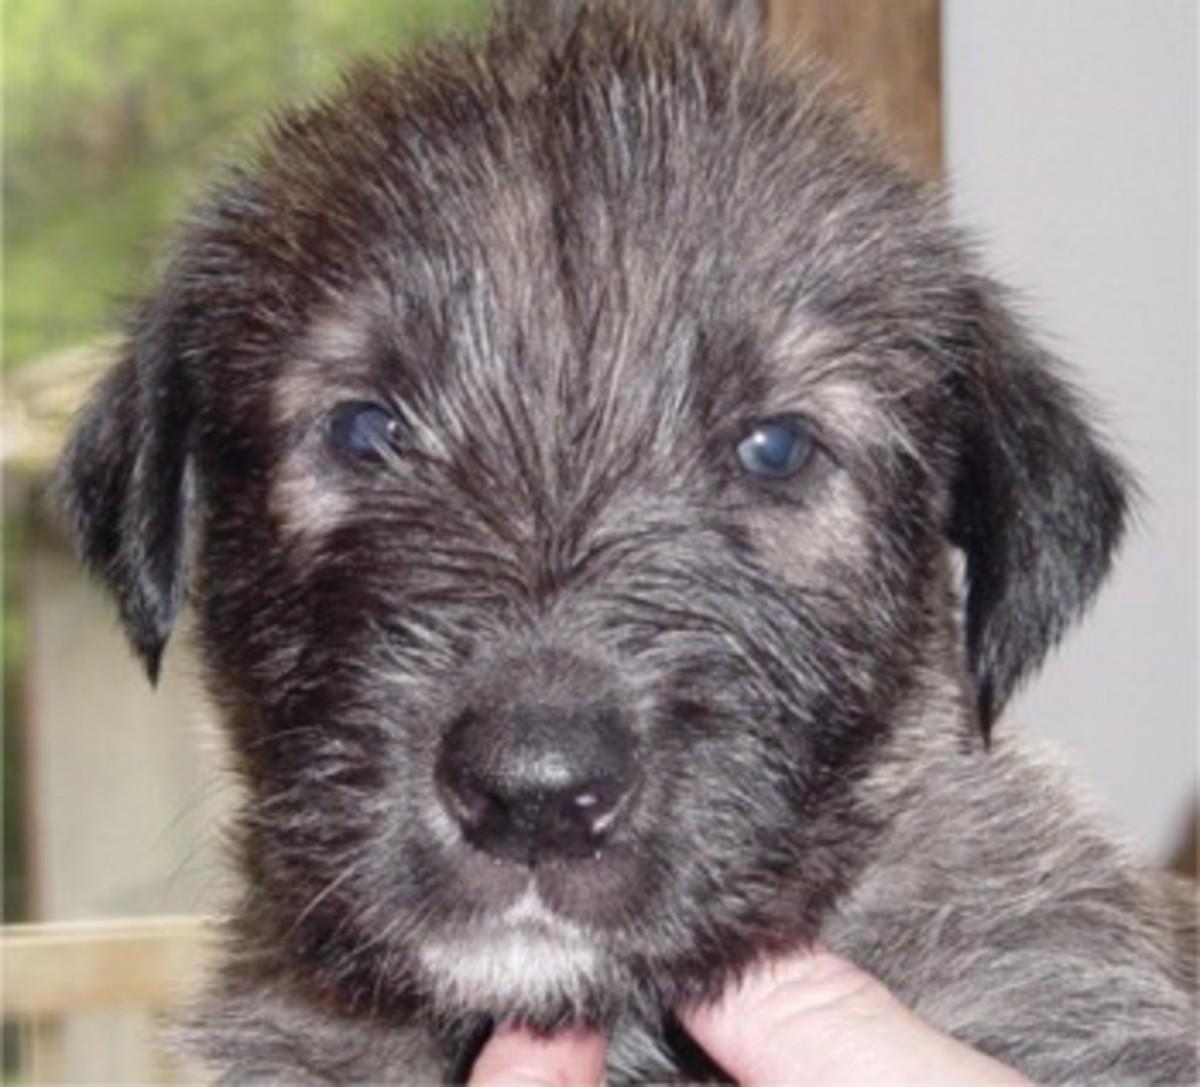 An Irish Wolfhound puppy.